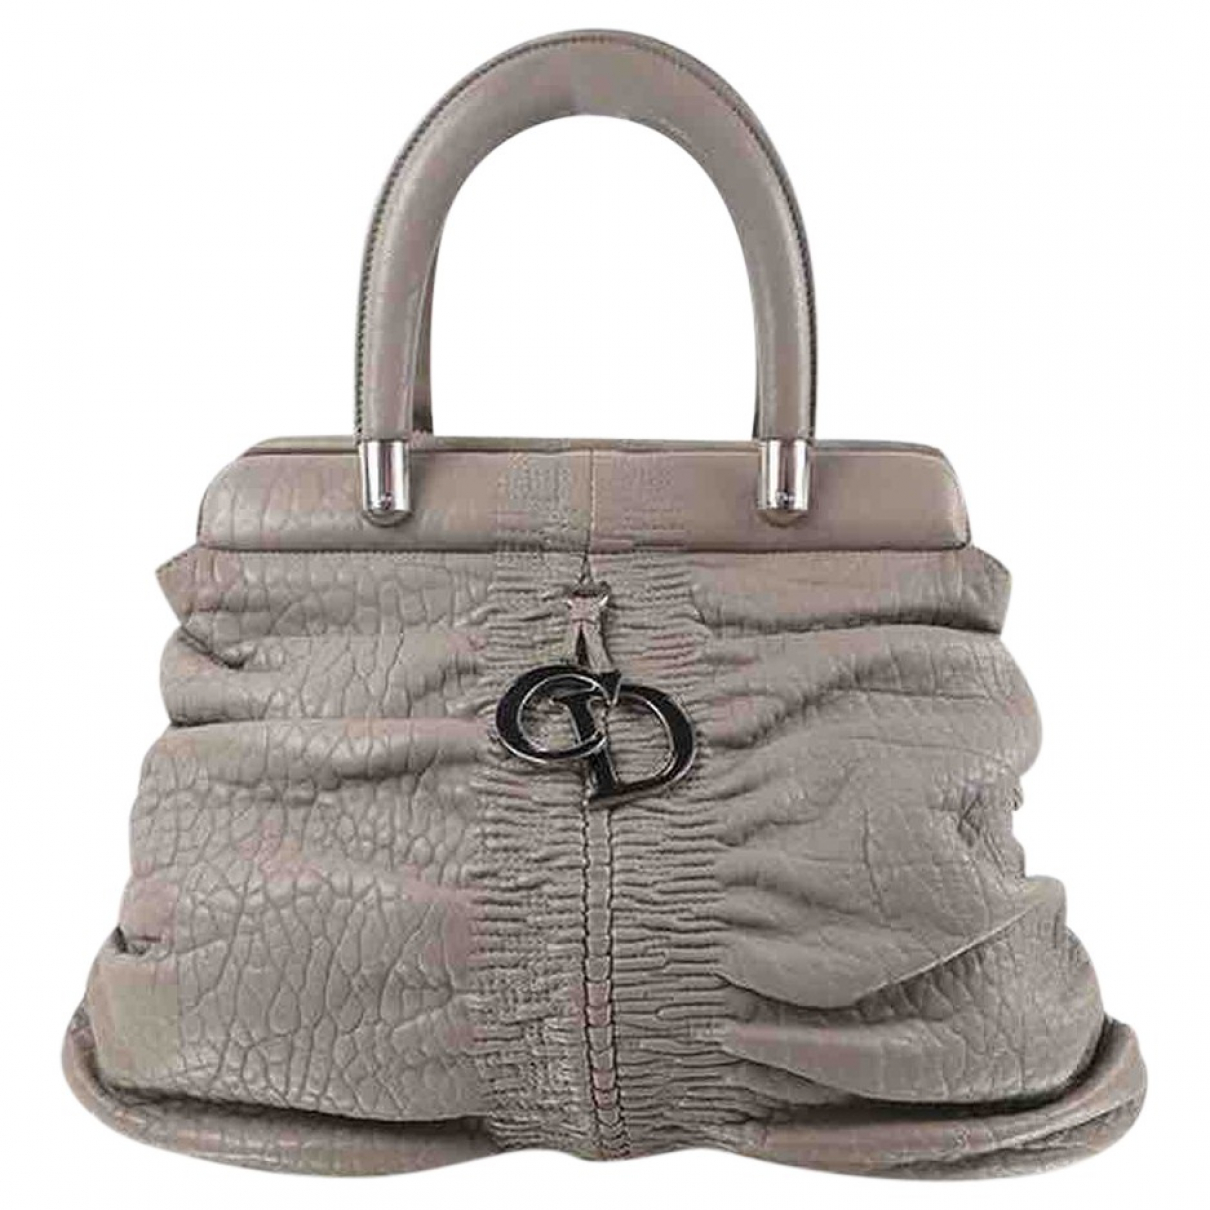 Dior N Grey Leather handbag for Women N